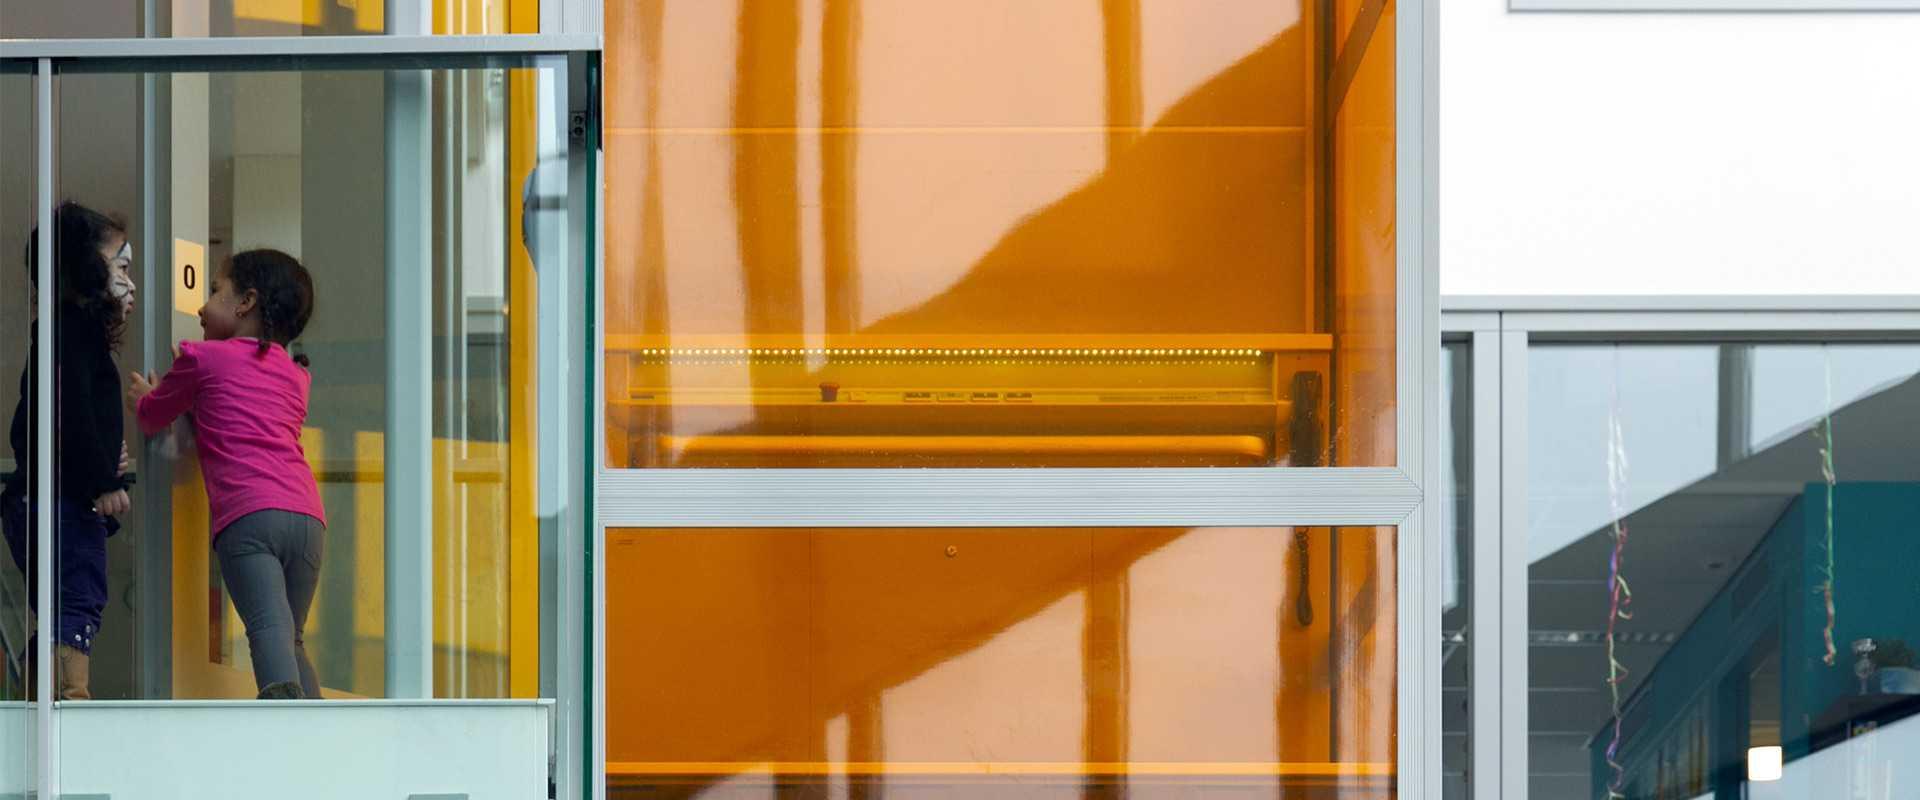 luxe platformlift met gekleurde folie